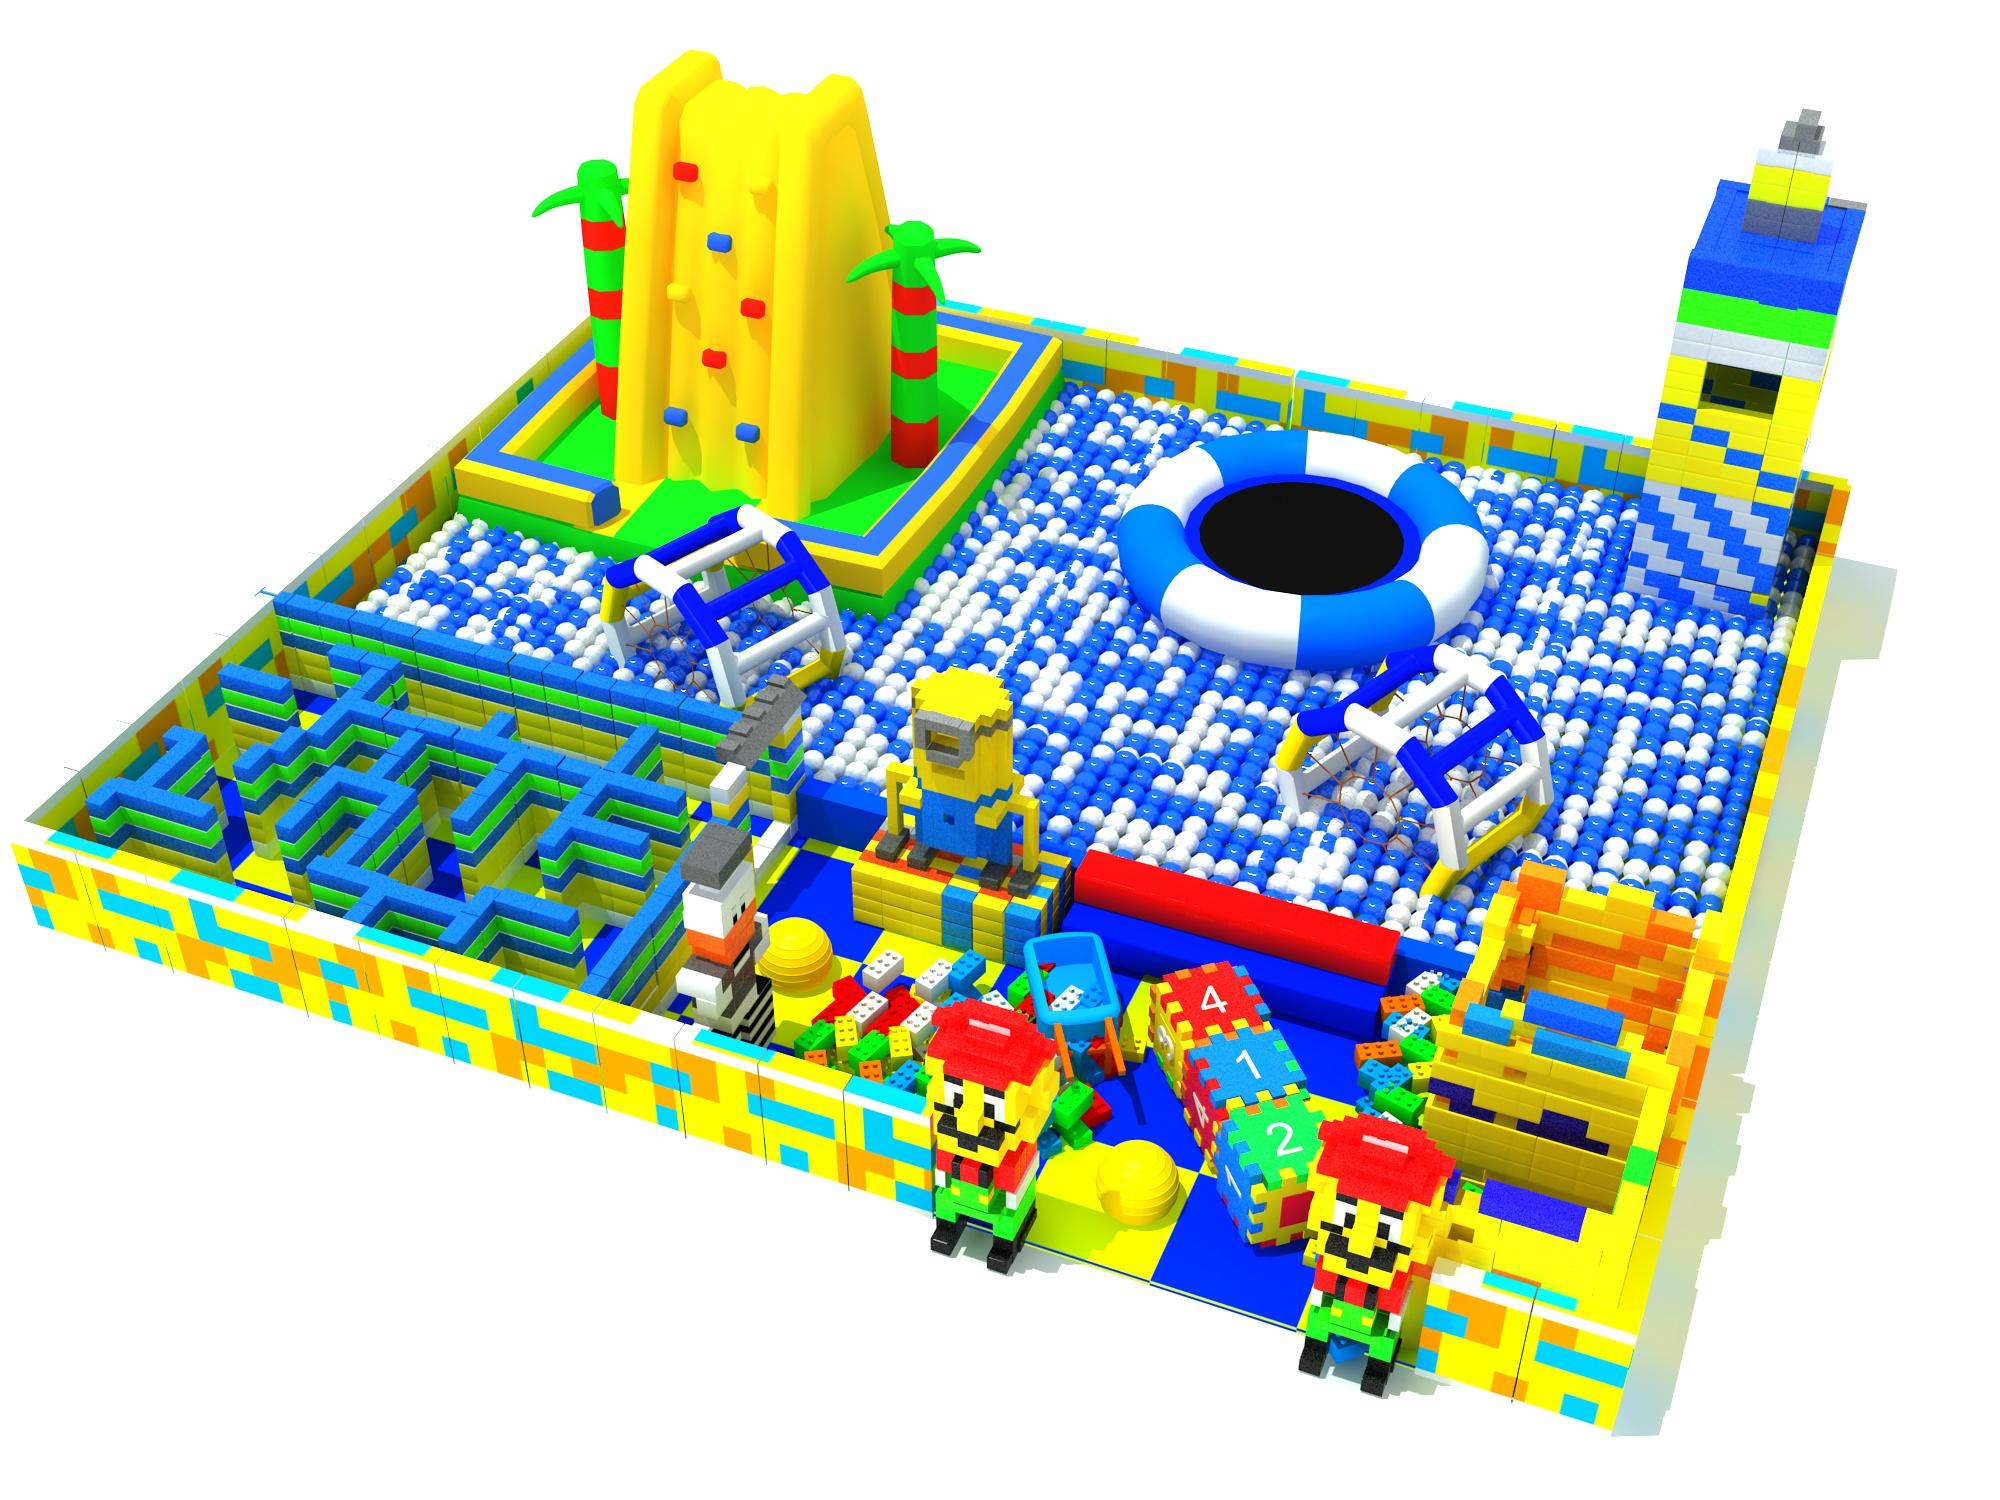 大型百万海洋球池淘气堡儿童乐园系列商场超市儿童室内游乐场设备